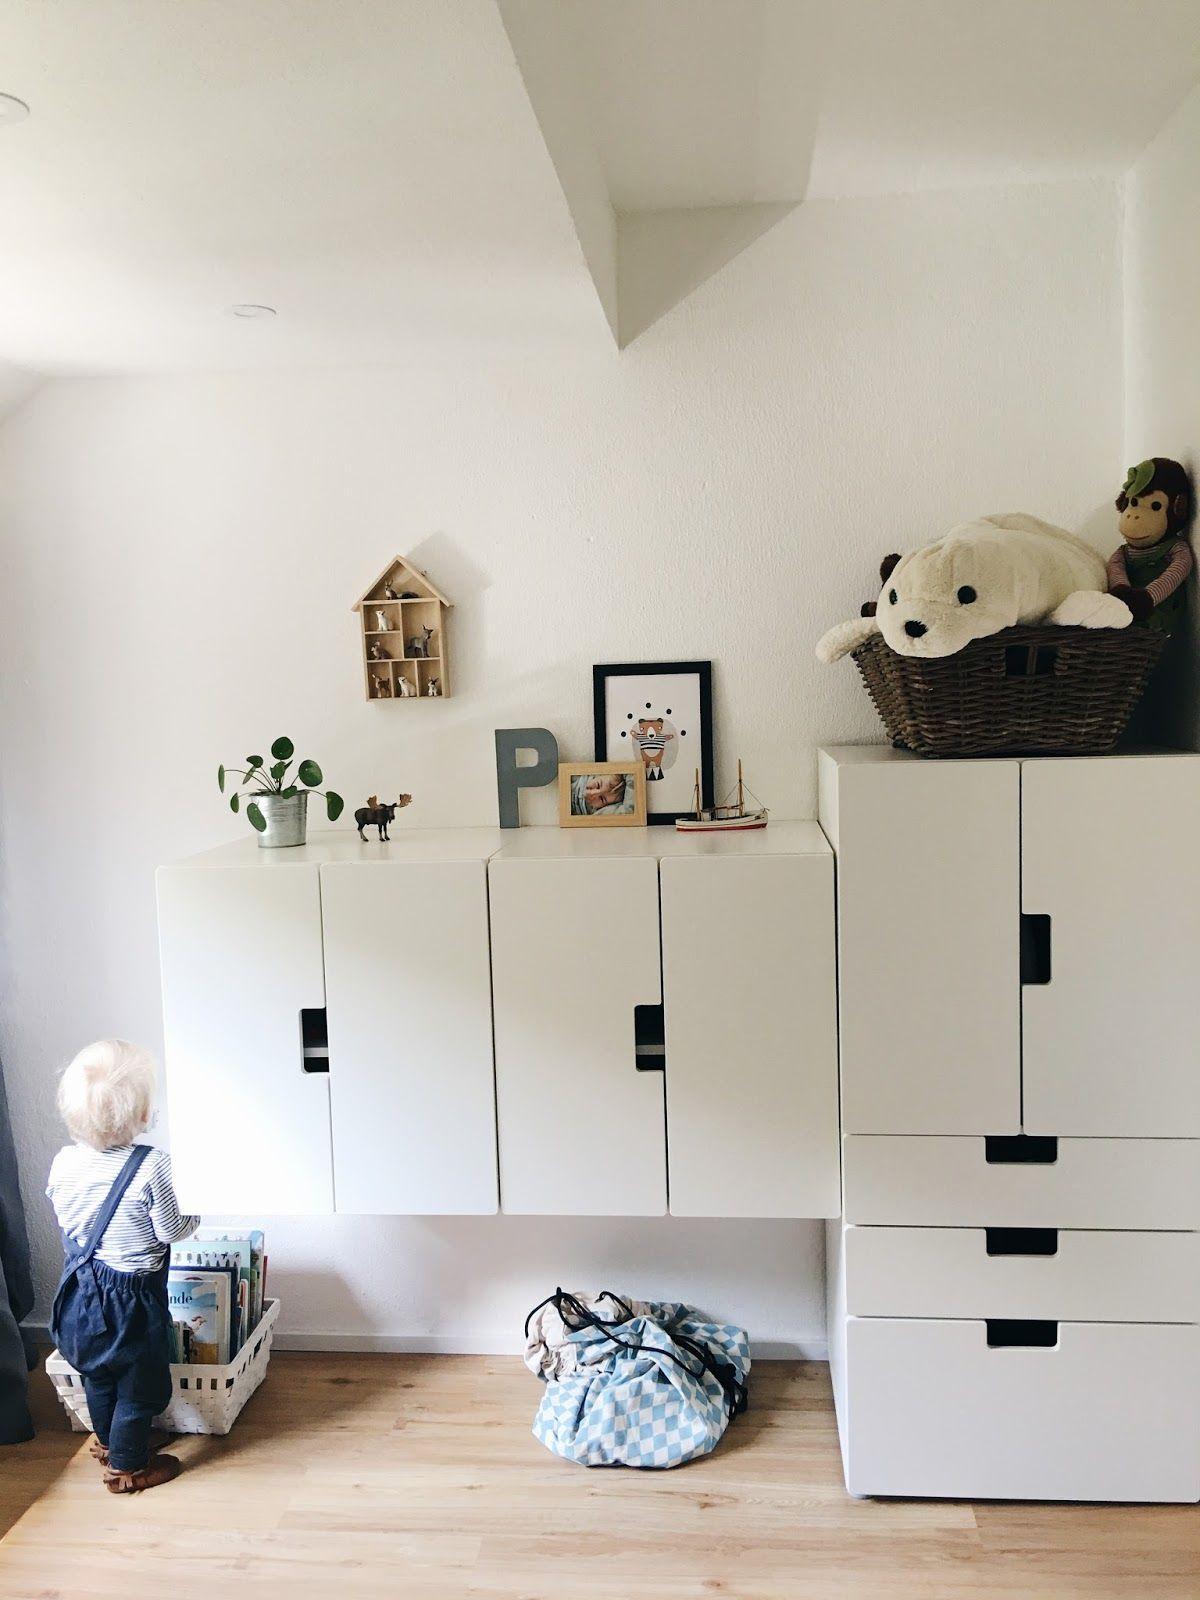 House Tour mit Anna aka @a.nn.a.chen | Stauraum, Ikea und Kinderzimmer